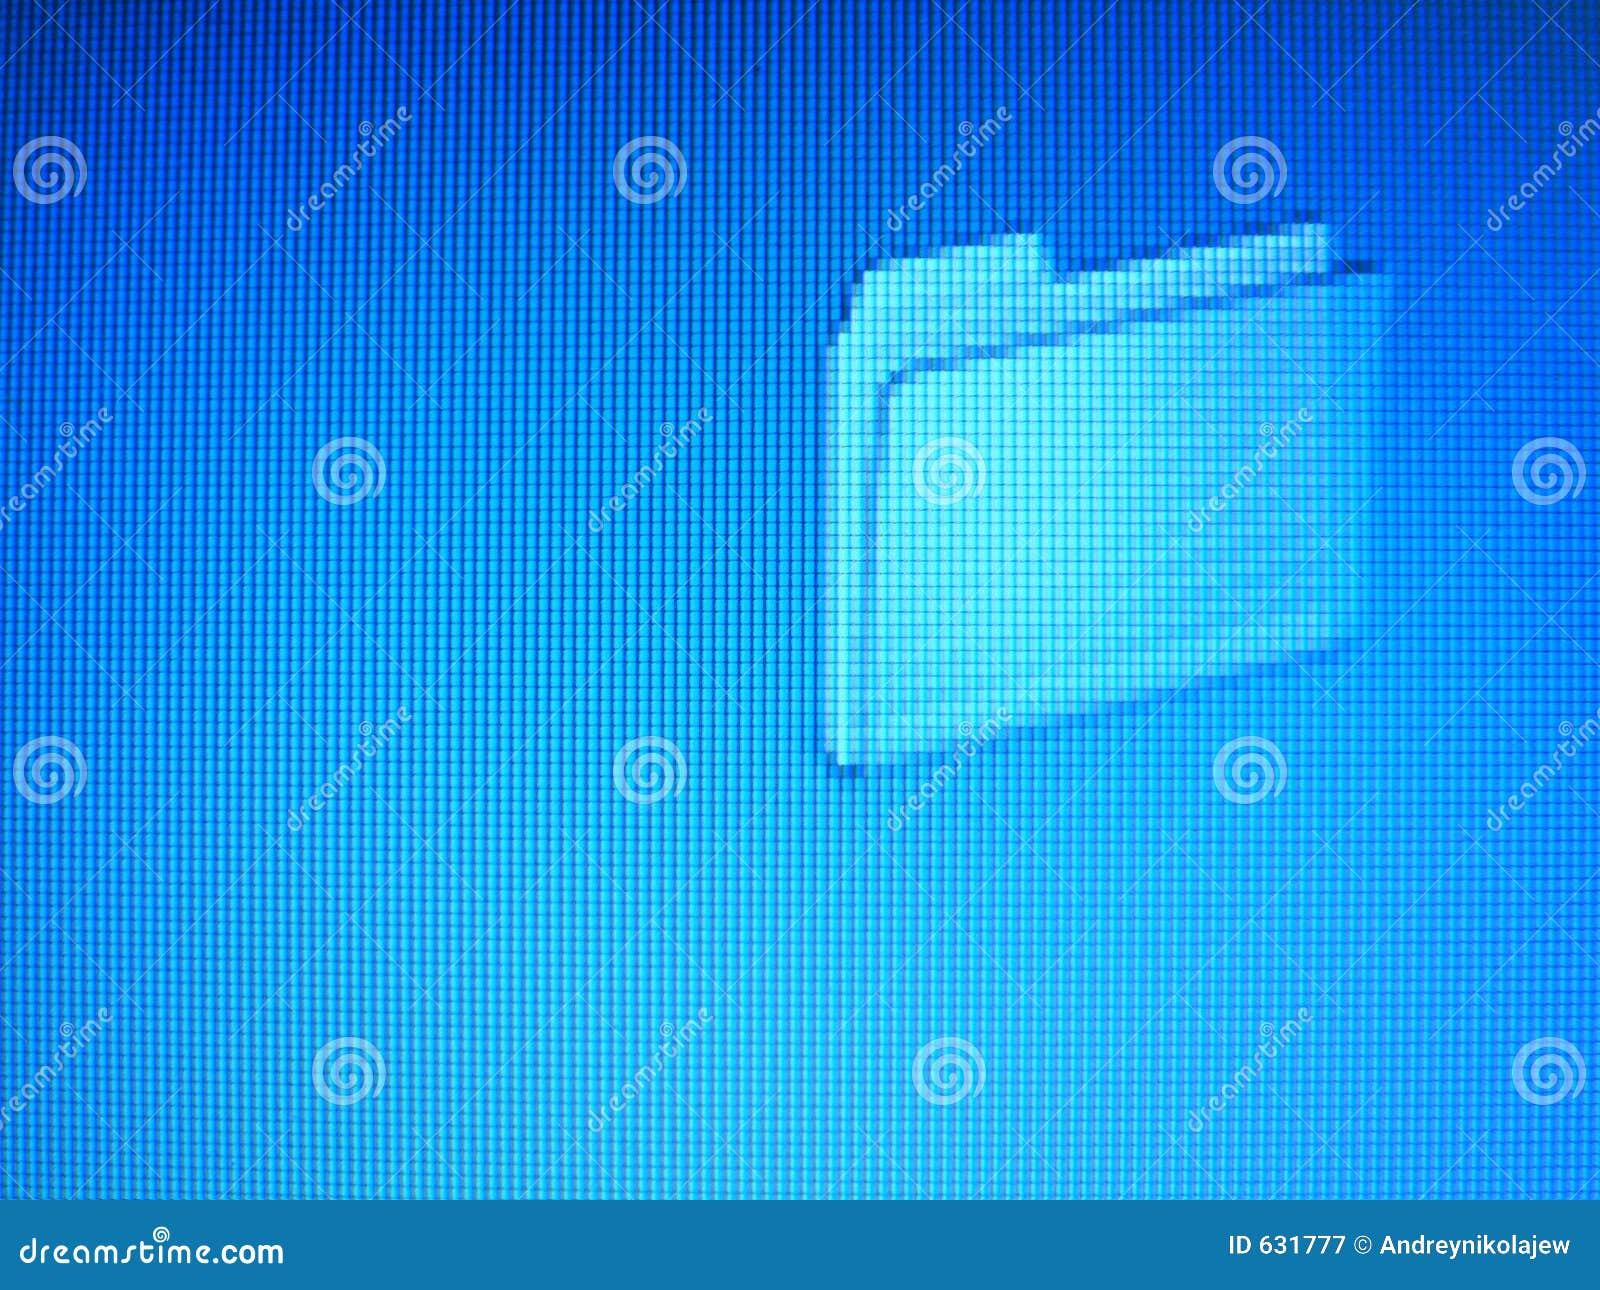 Download архив стоковое изображение. изображение насчитывающей конспектов - 631777